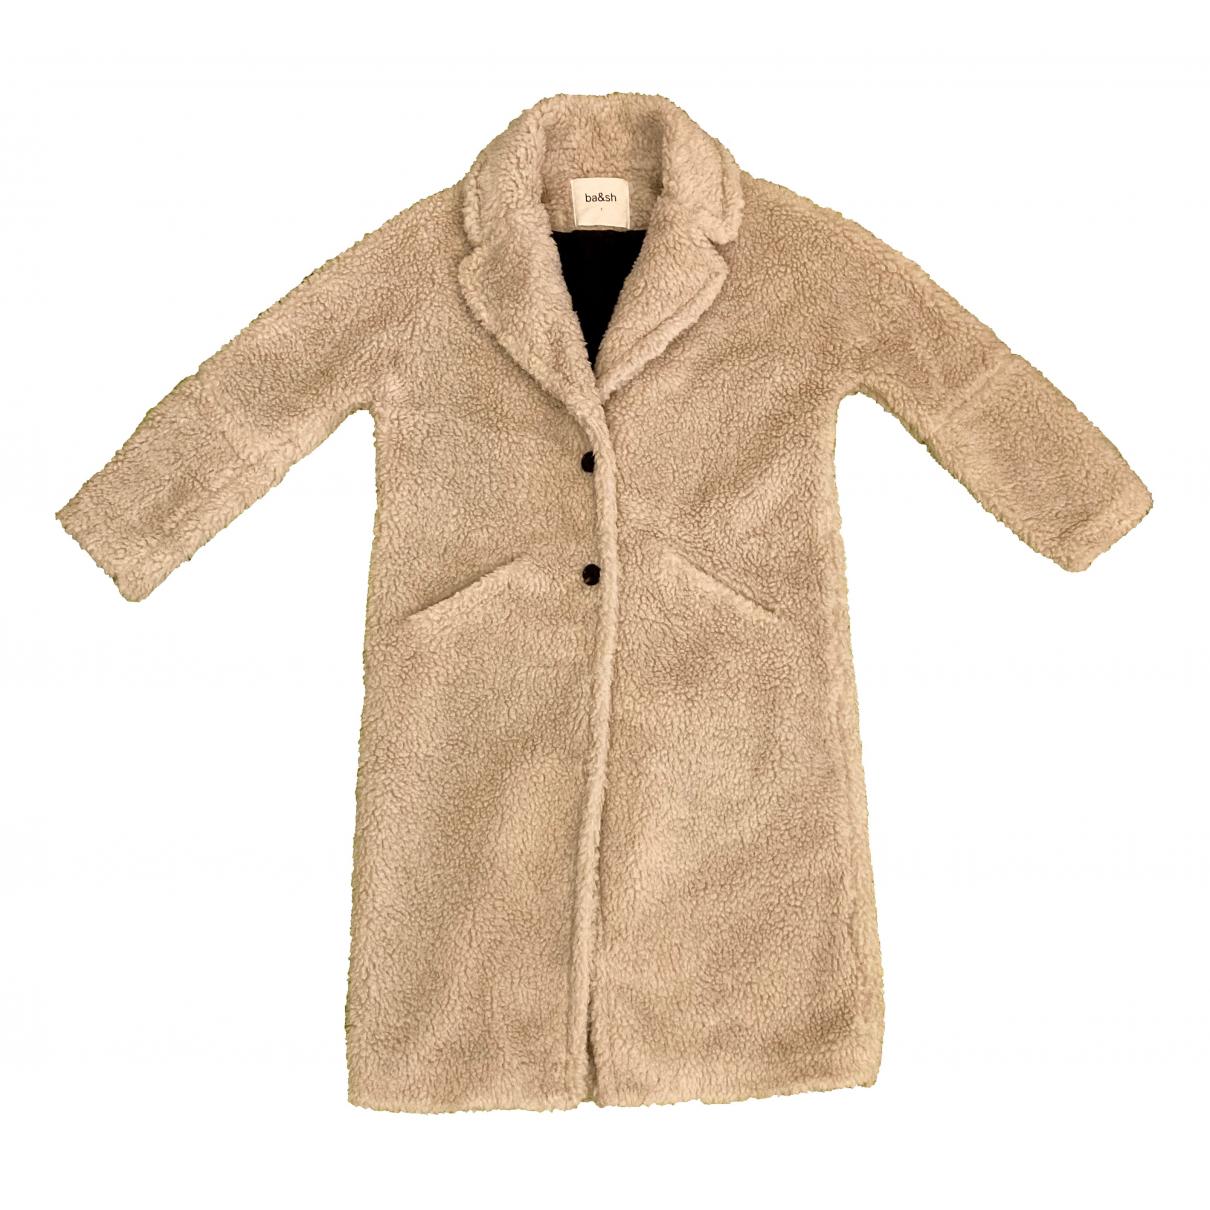 Ba&sh - Manteau   pour femme en fourrure synthetique - ecru